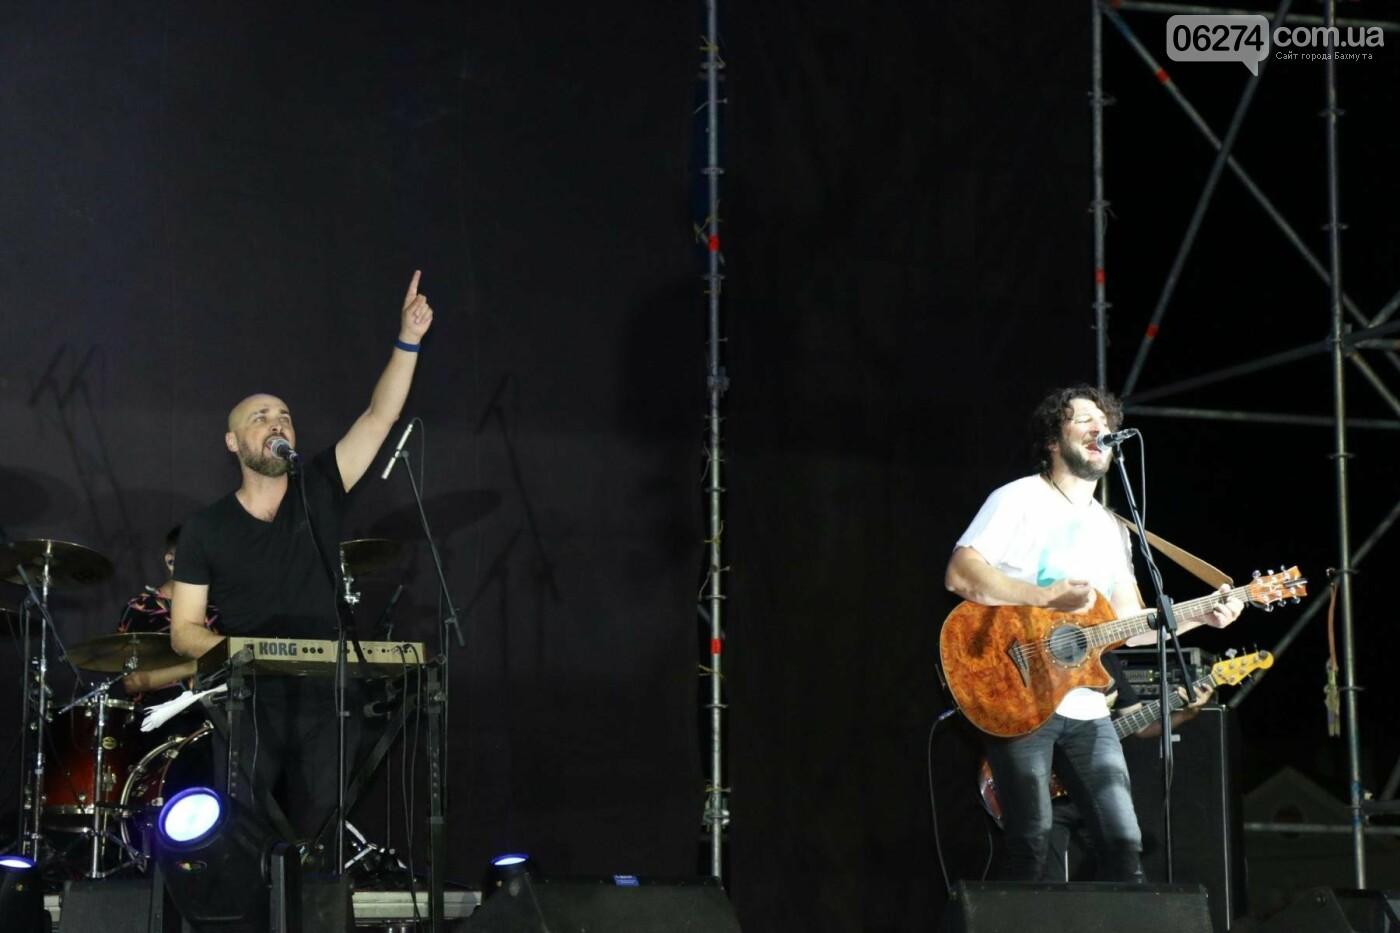 Ярким концертом завершился День города в Бахмуте (ФОТО), фото-27